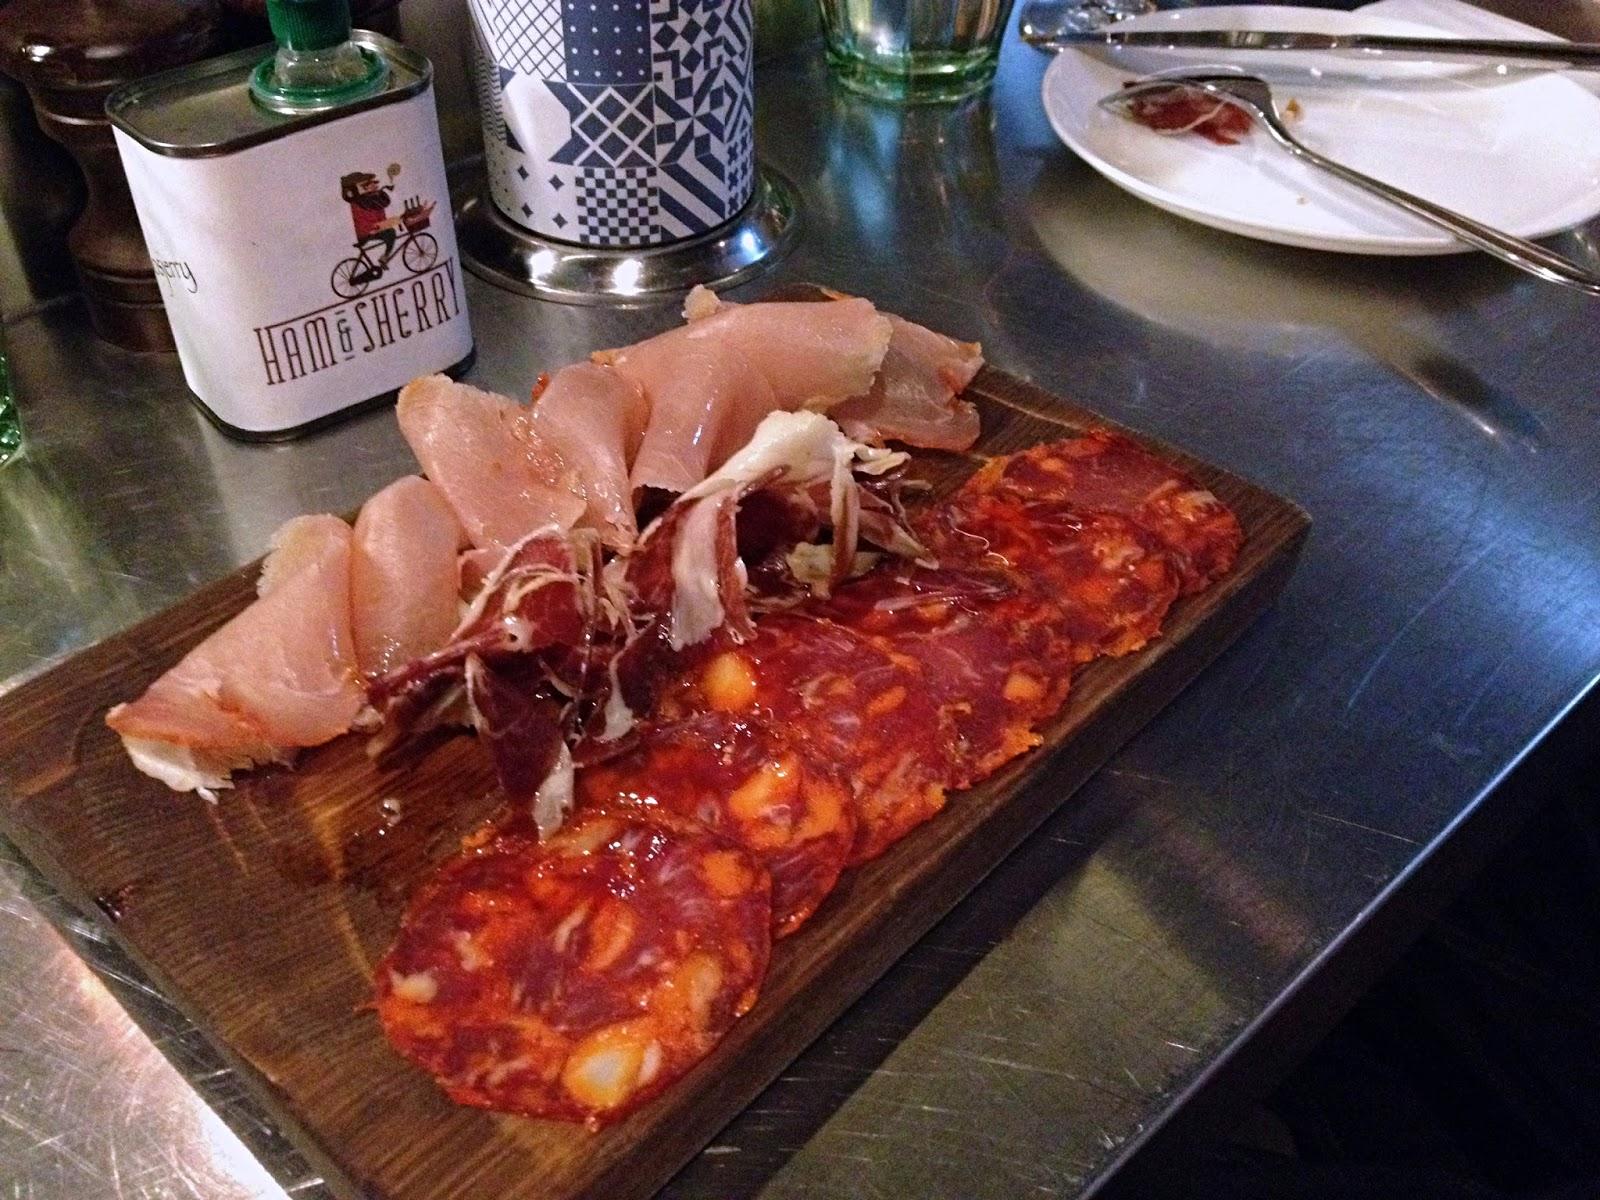 yiweilim, yi wei lim, hong kong, hong kong food, ham & sherry, 22 ships, chorizo, jamon, ham & sherry lomo